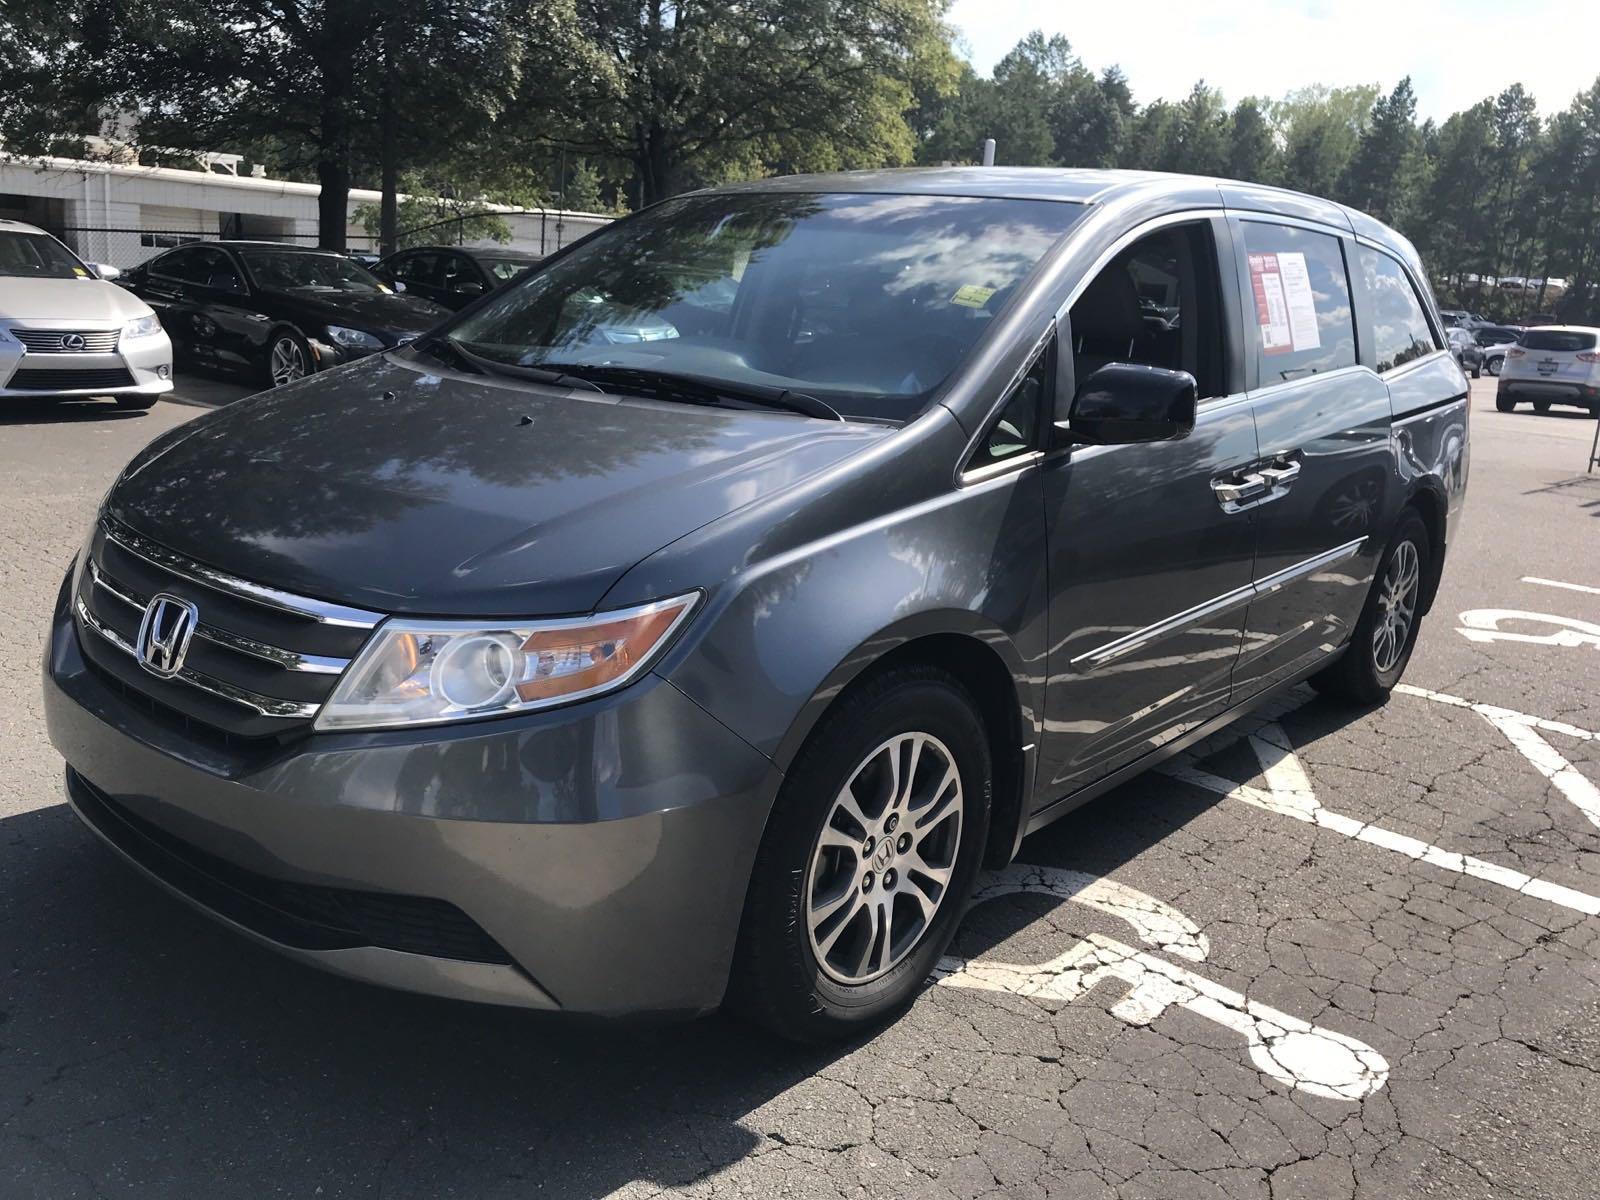 22c4647513 Pre-Owned 2011 Honda Odyssey EX-L Minivan in Duluth  80504A